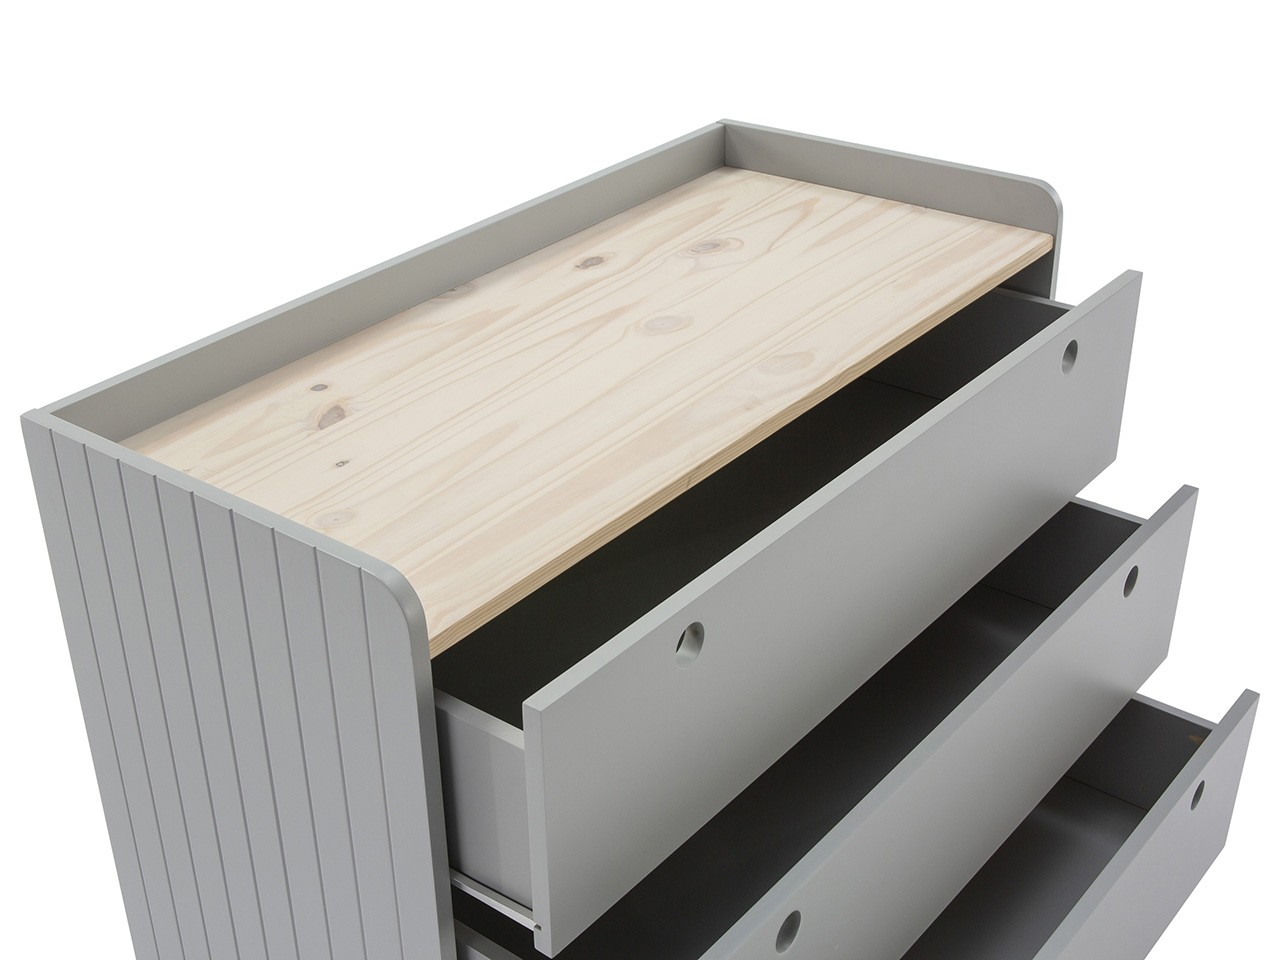 Fotos salones modernos casas azules with fotos salones - Imagenes salones modernos ...